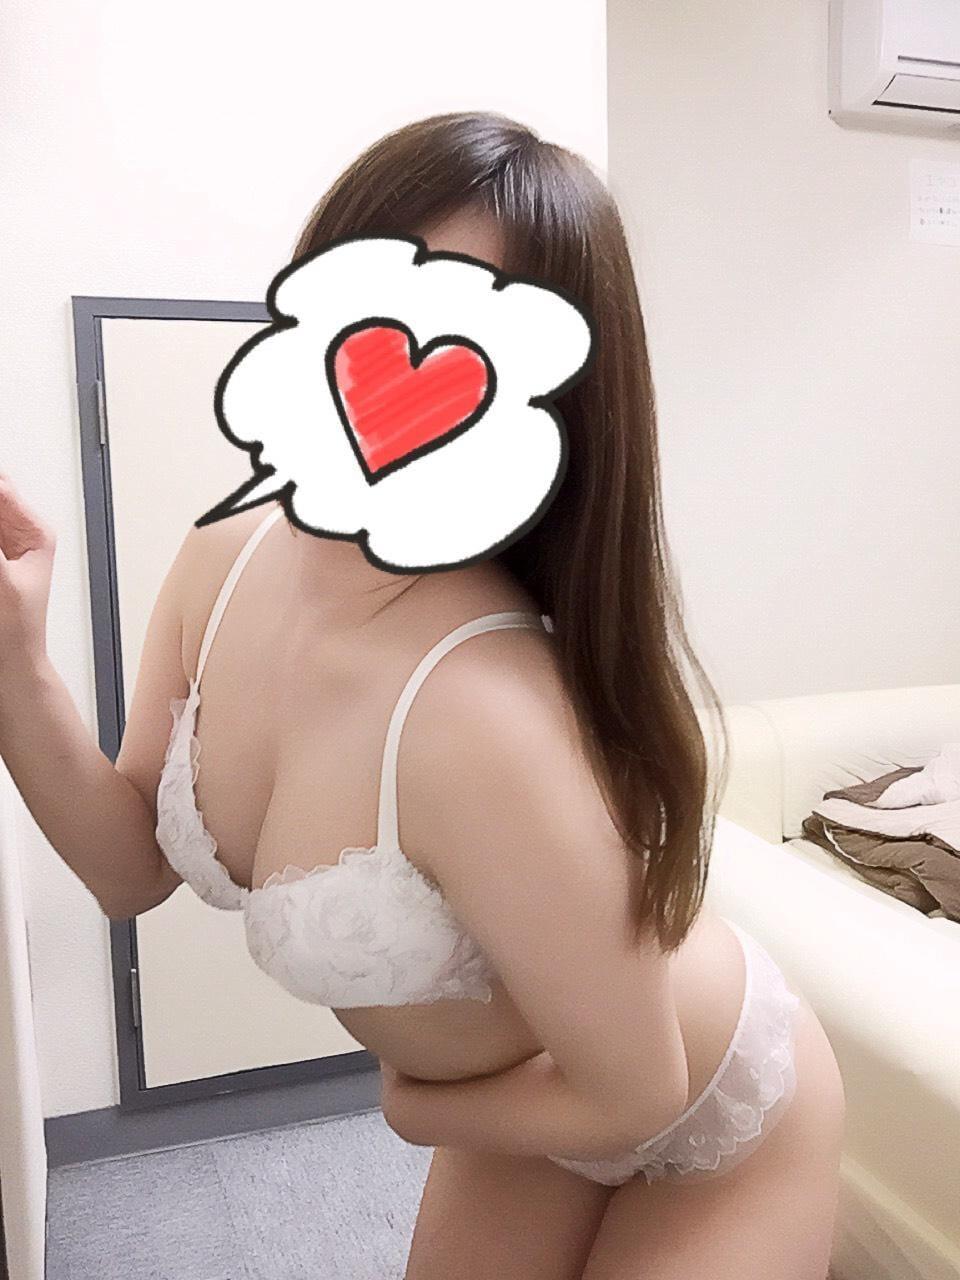 「星野源君の」10/23(10/23) 02:28 | りんごの写メ・風俗動画